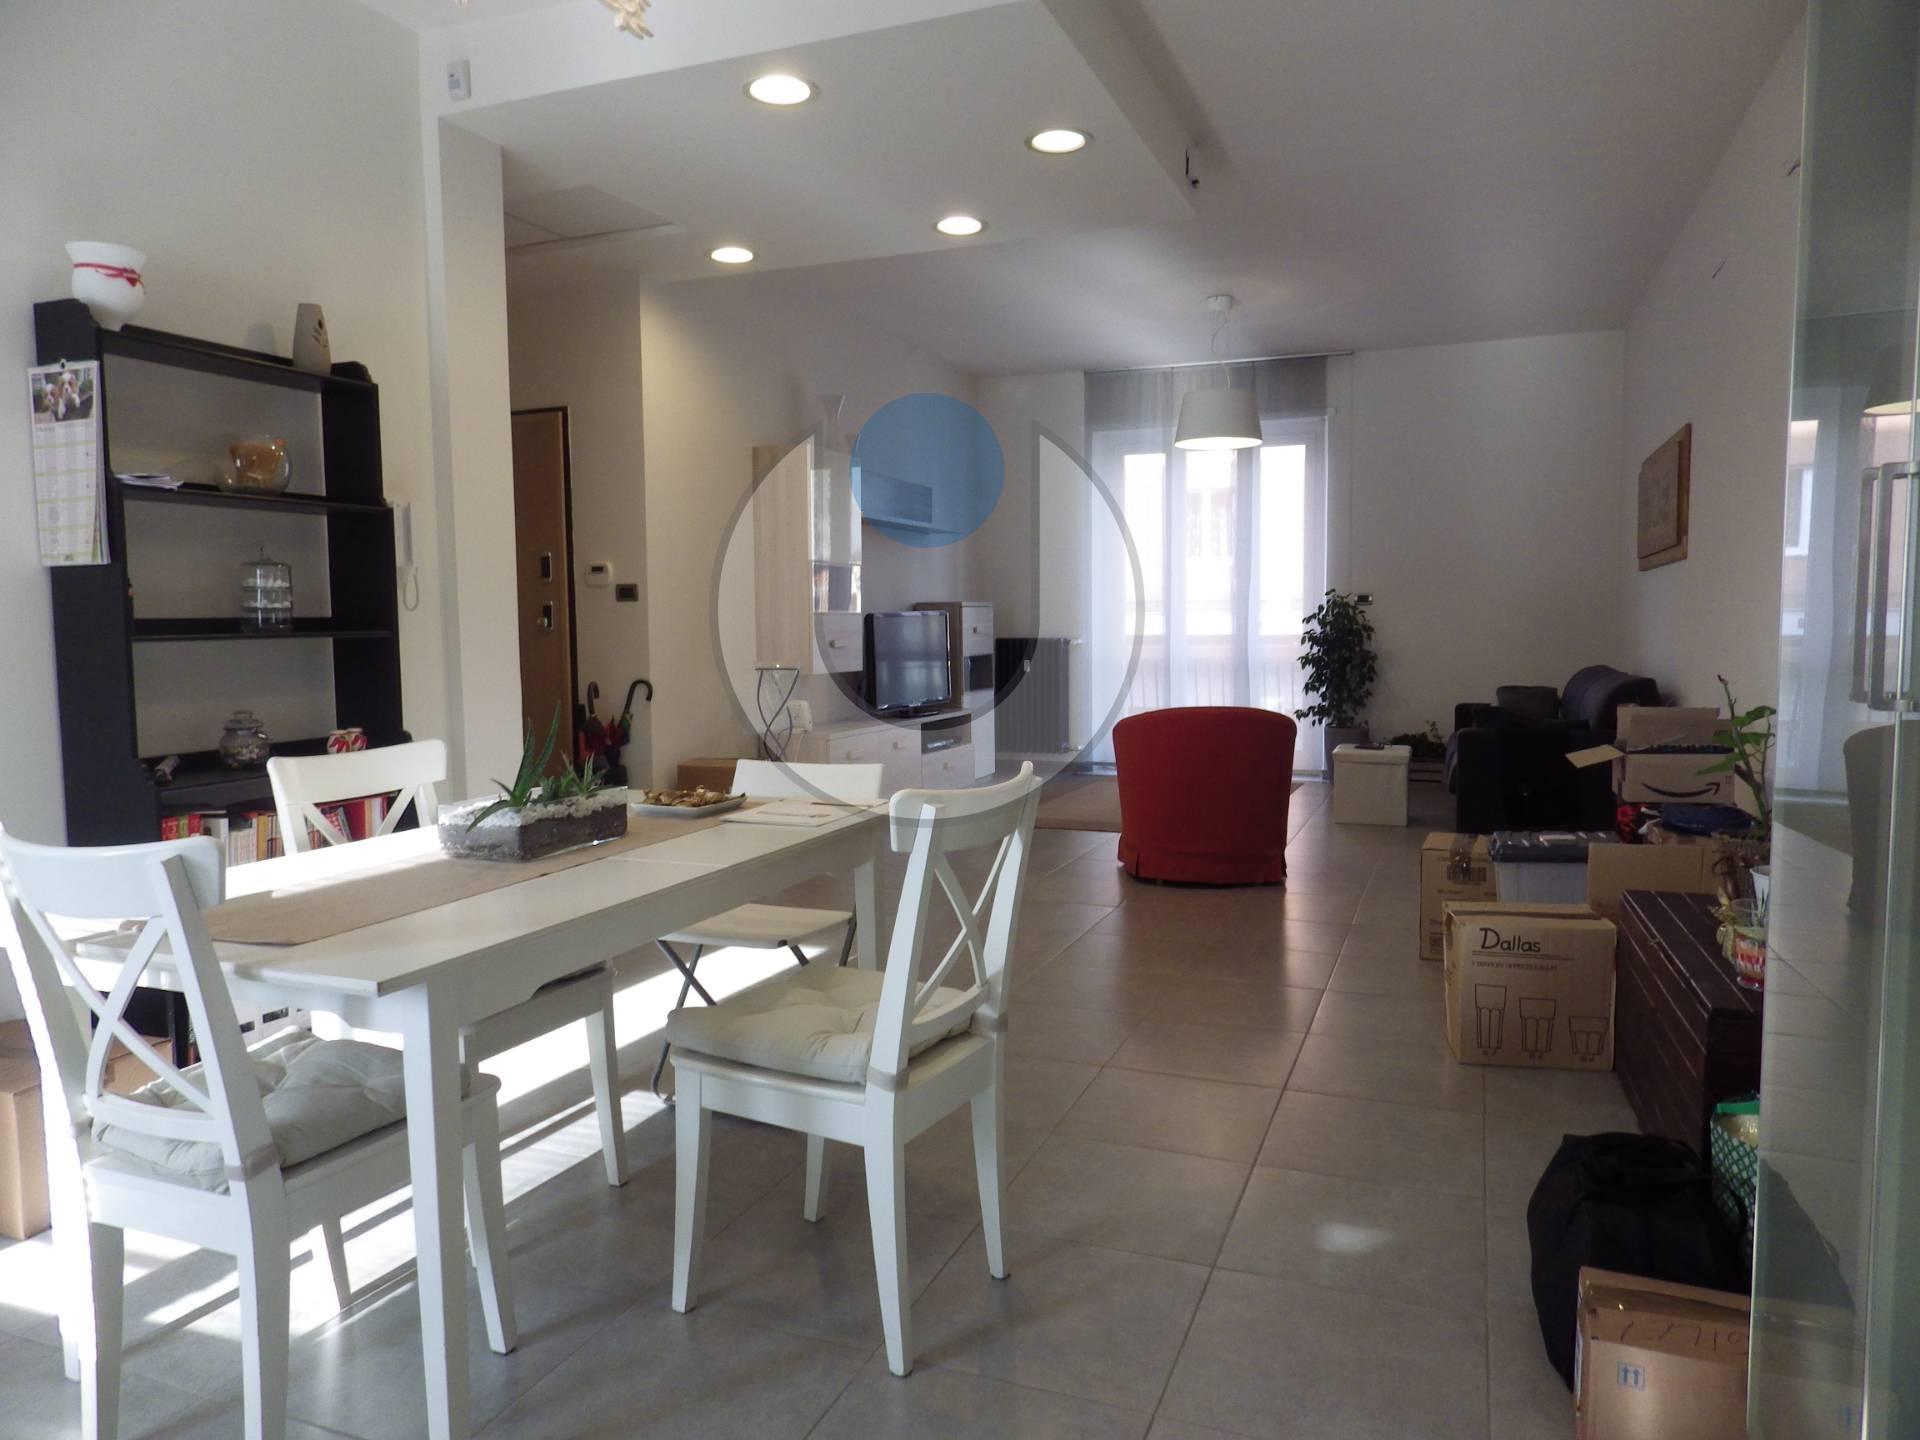 Foto 1 di Appartamento via Mincio, Rivoli